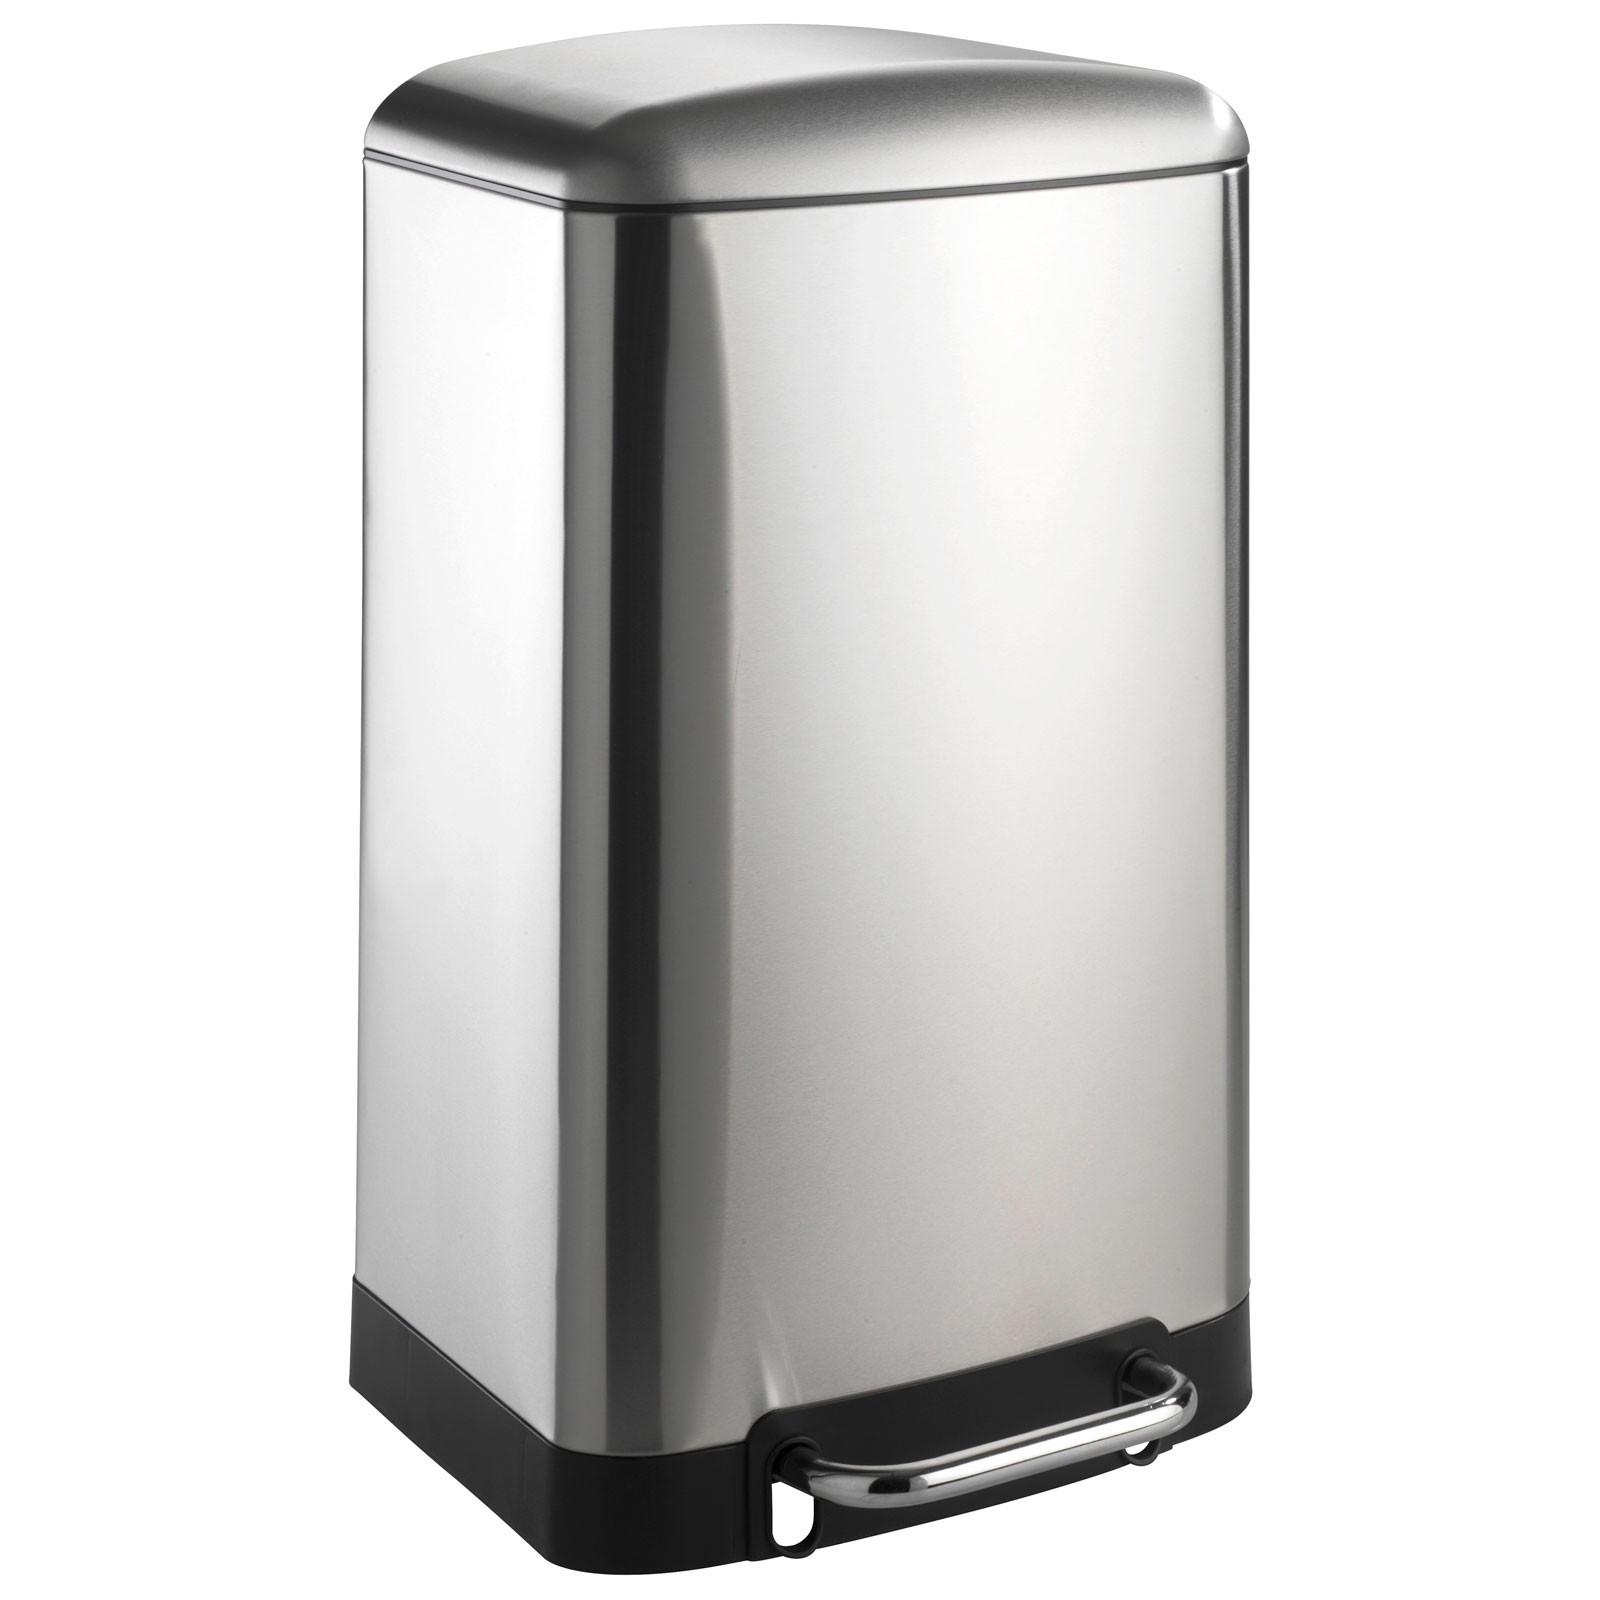 treteimer studio easy close 30 liter silber. Black Bedroom Furniture Sets. Home Design Ideas